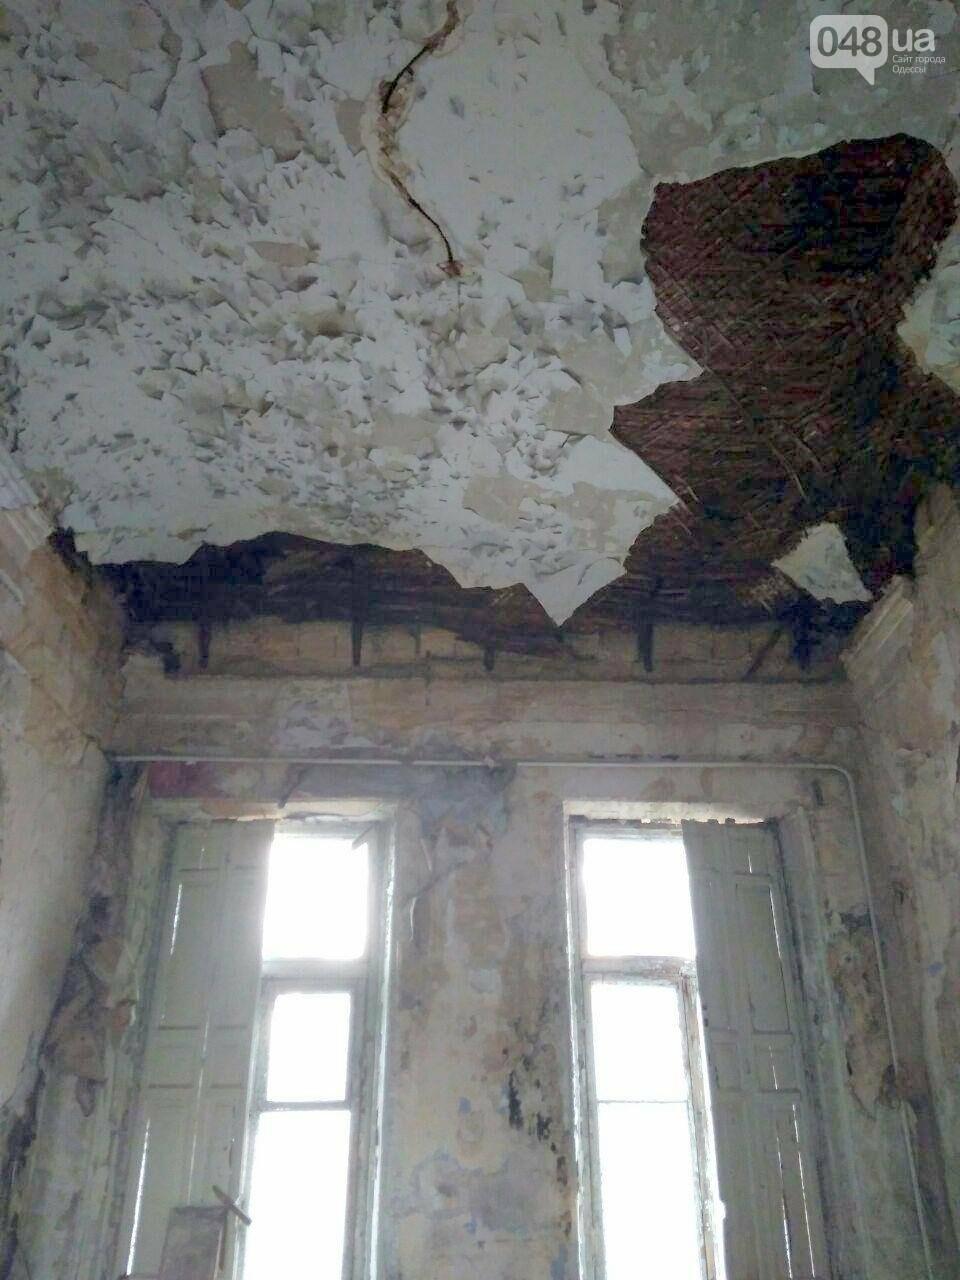 Поймать привидение или провалиться в подземелье: Одесский Дом Гоголя изнутри (ФОТО), фото-2